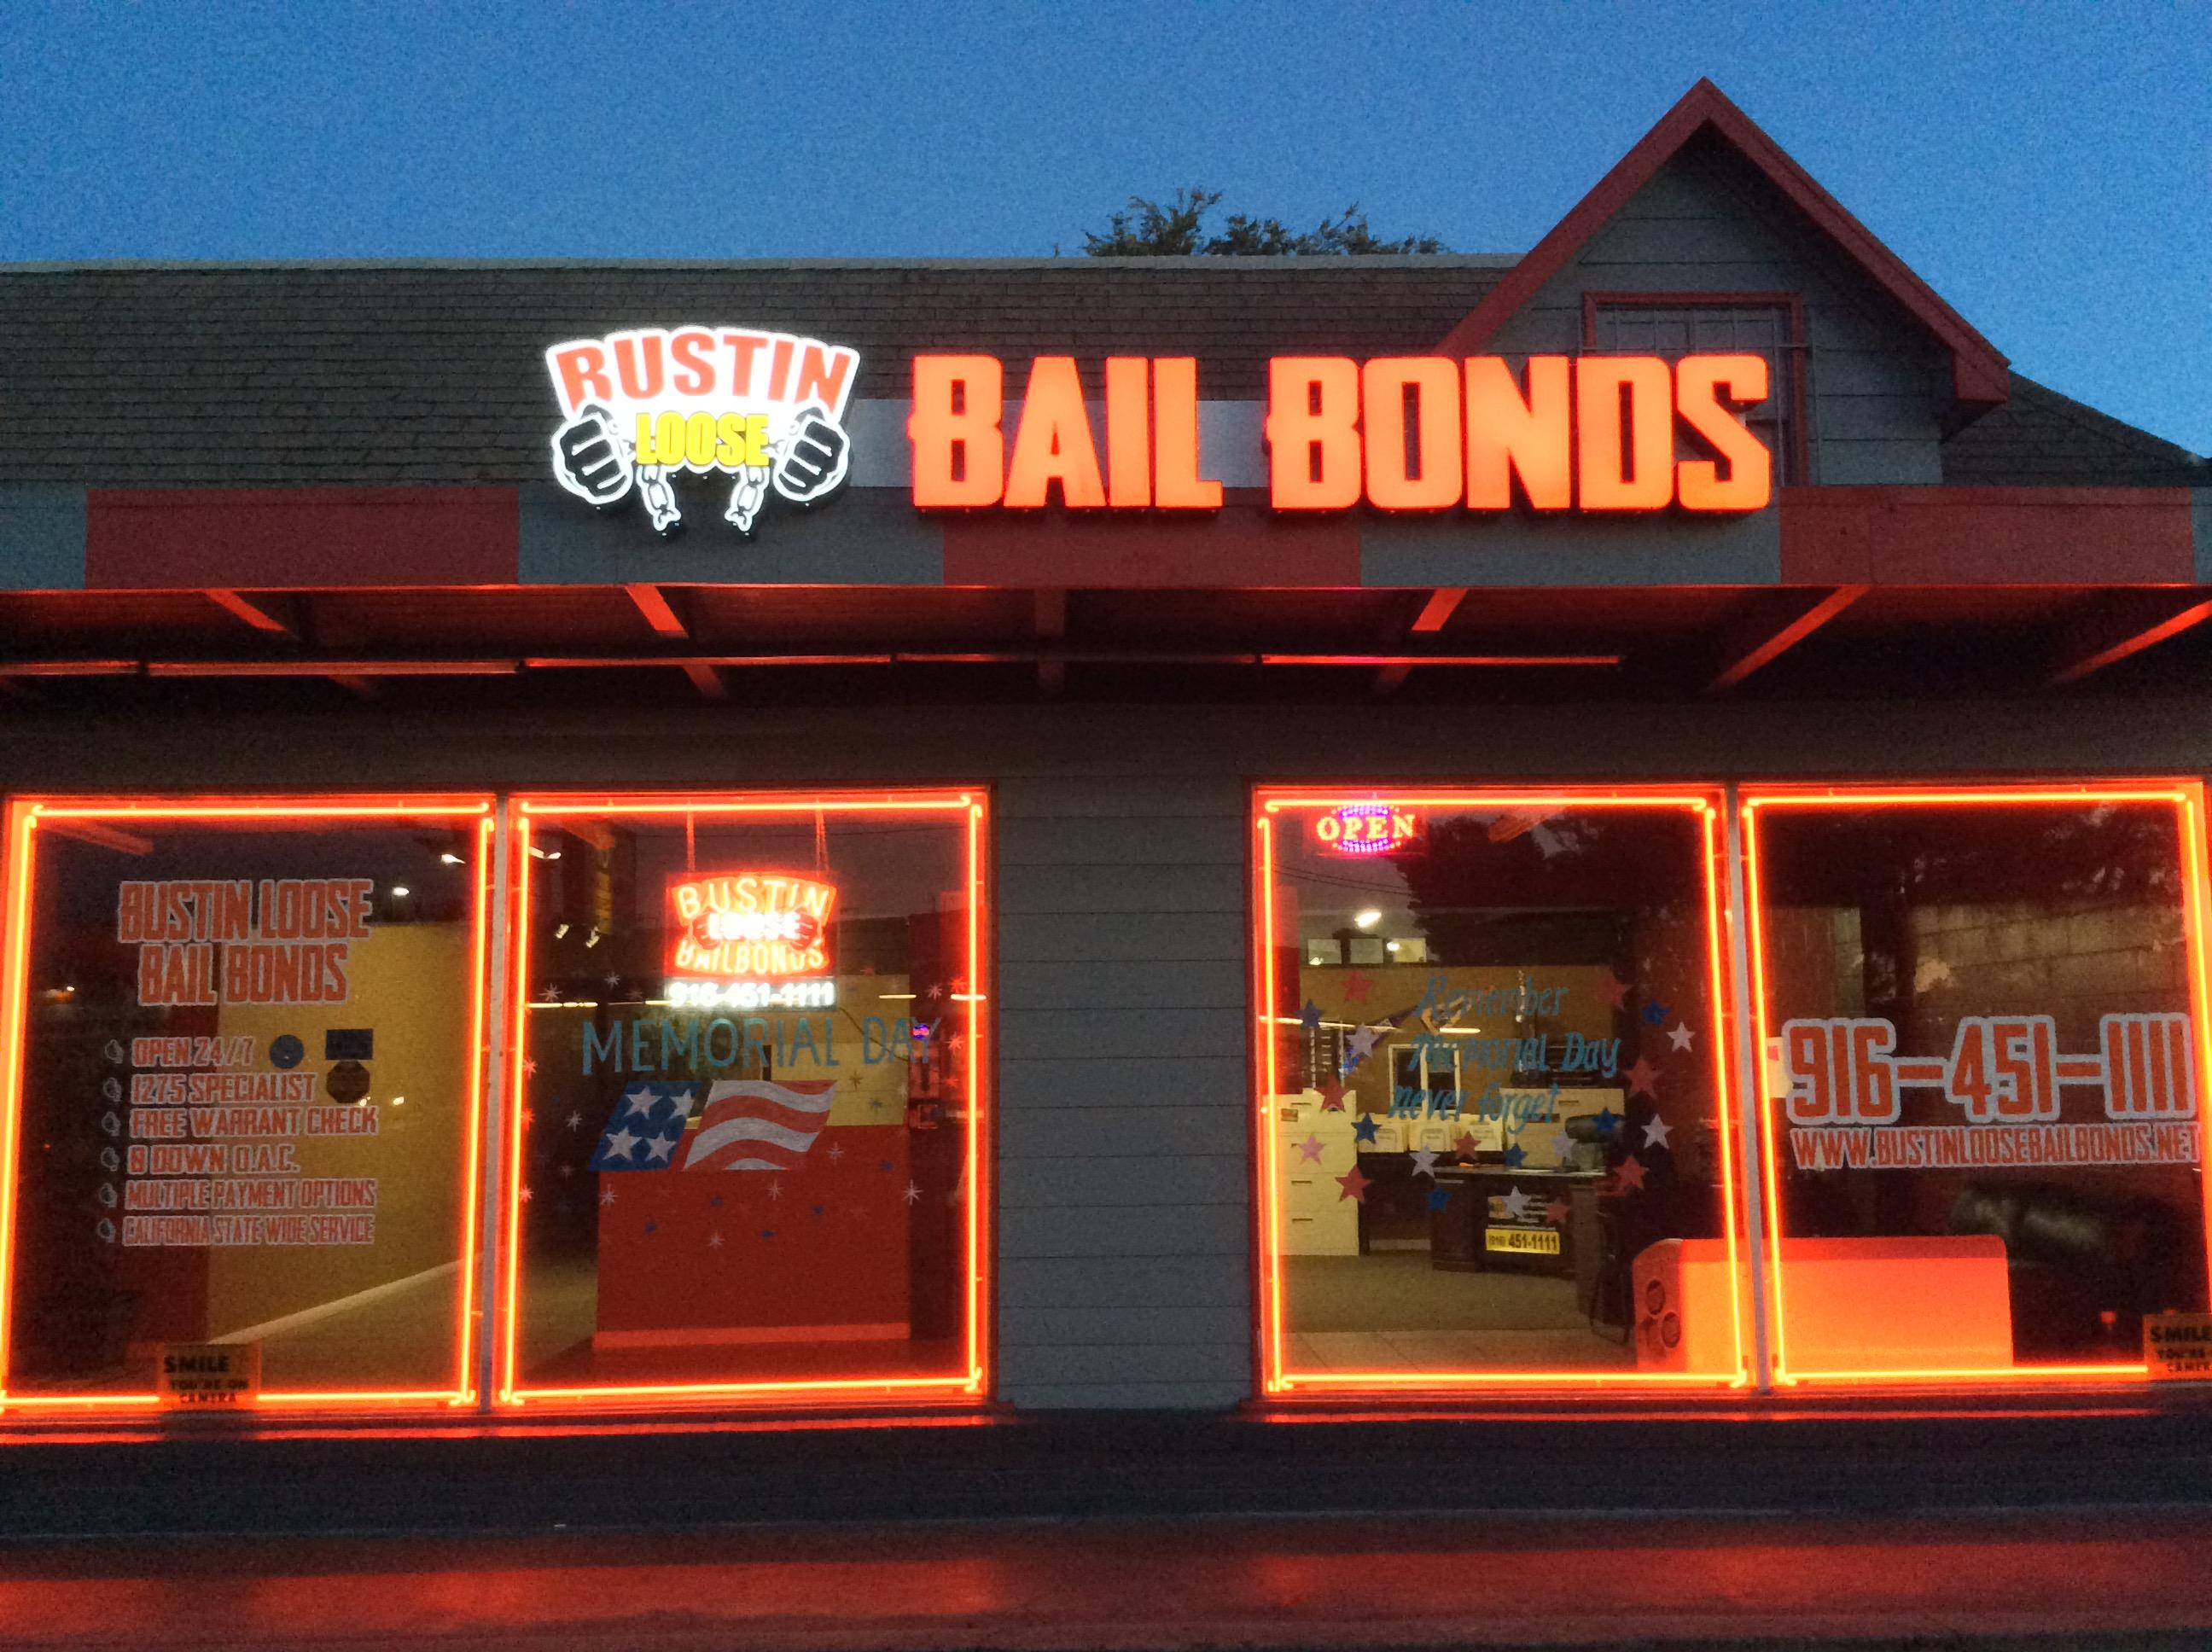 Bustin Loose Bailbonds Sacramento Ca 95820 Ypcom Round Table ...